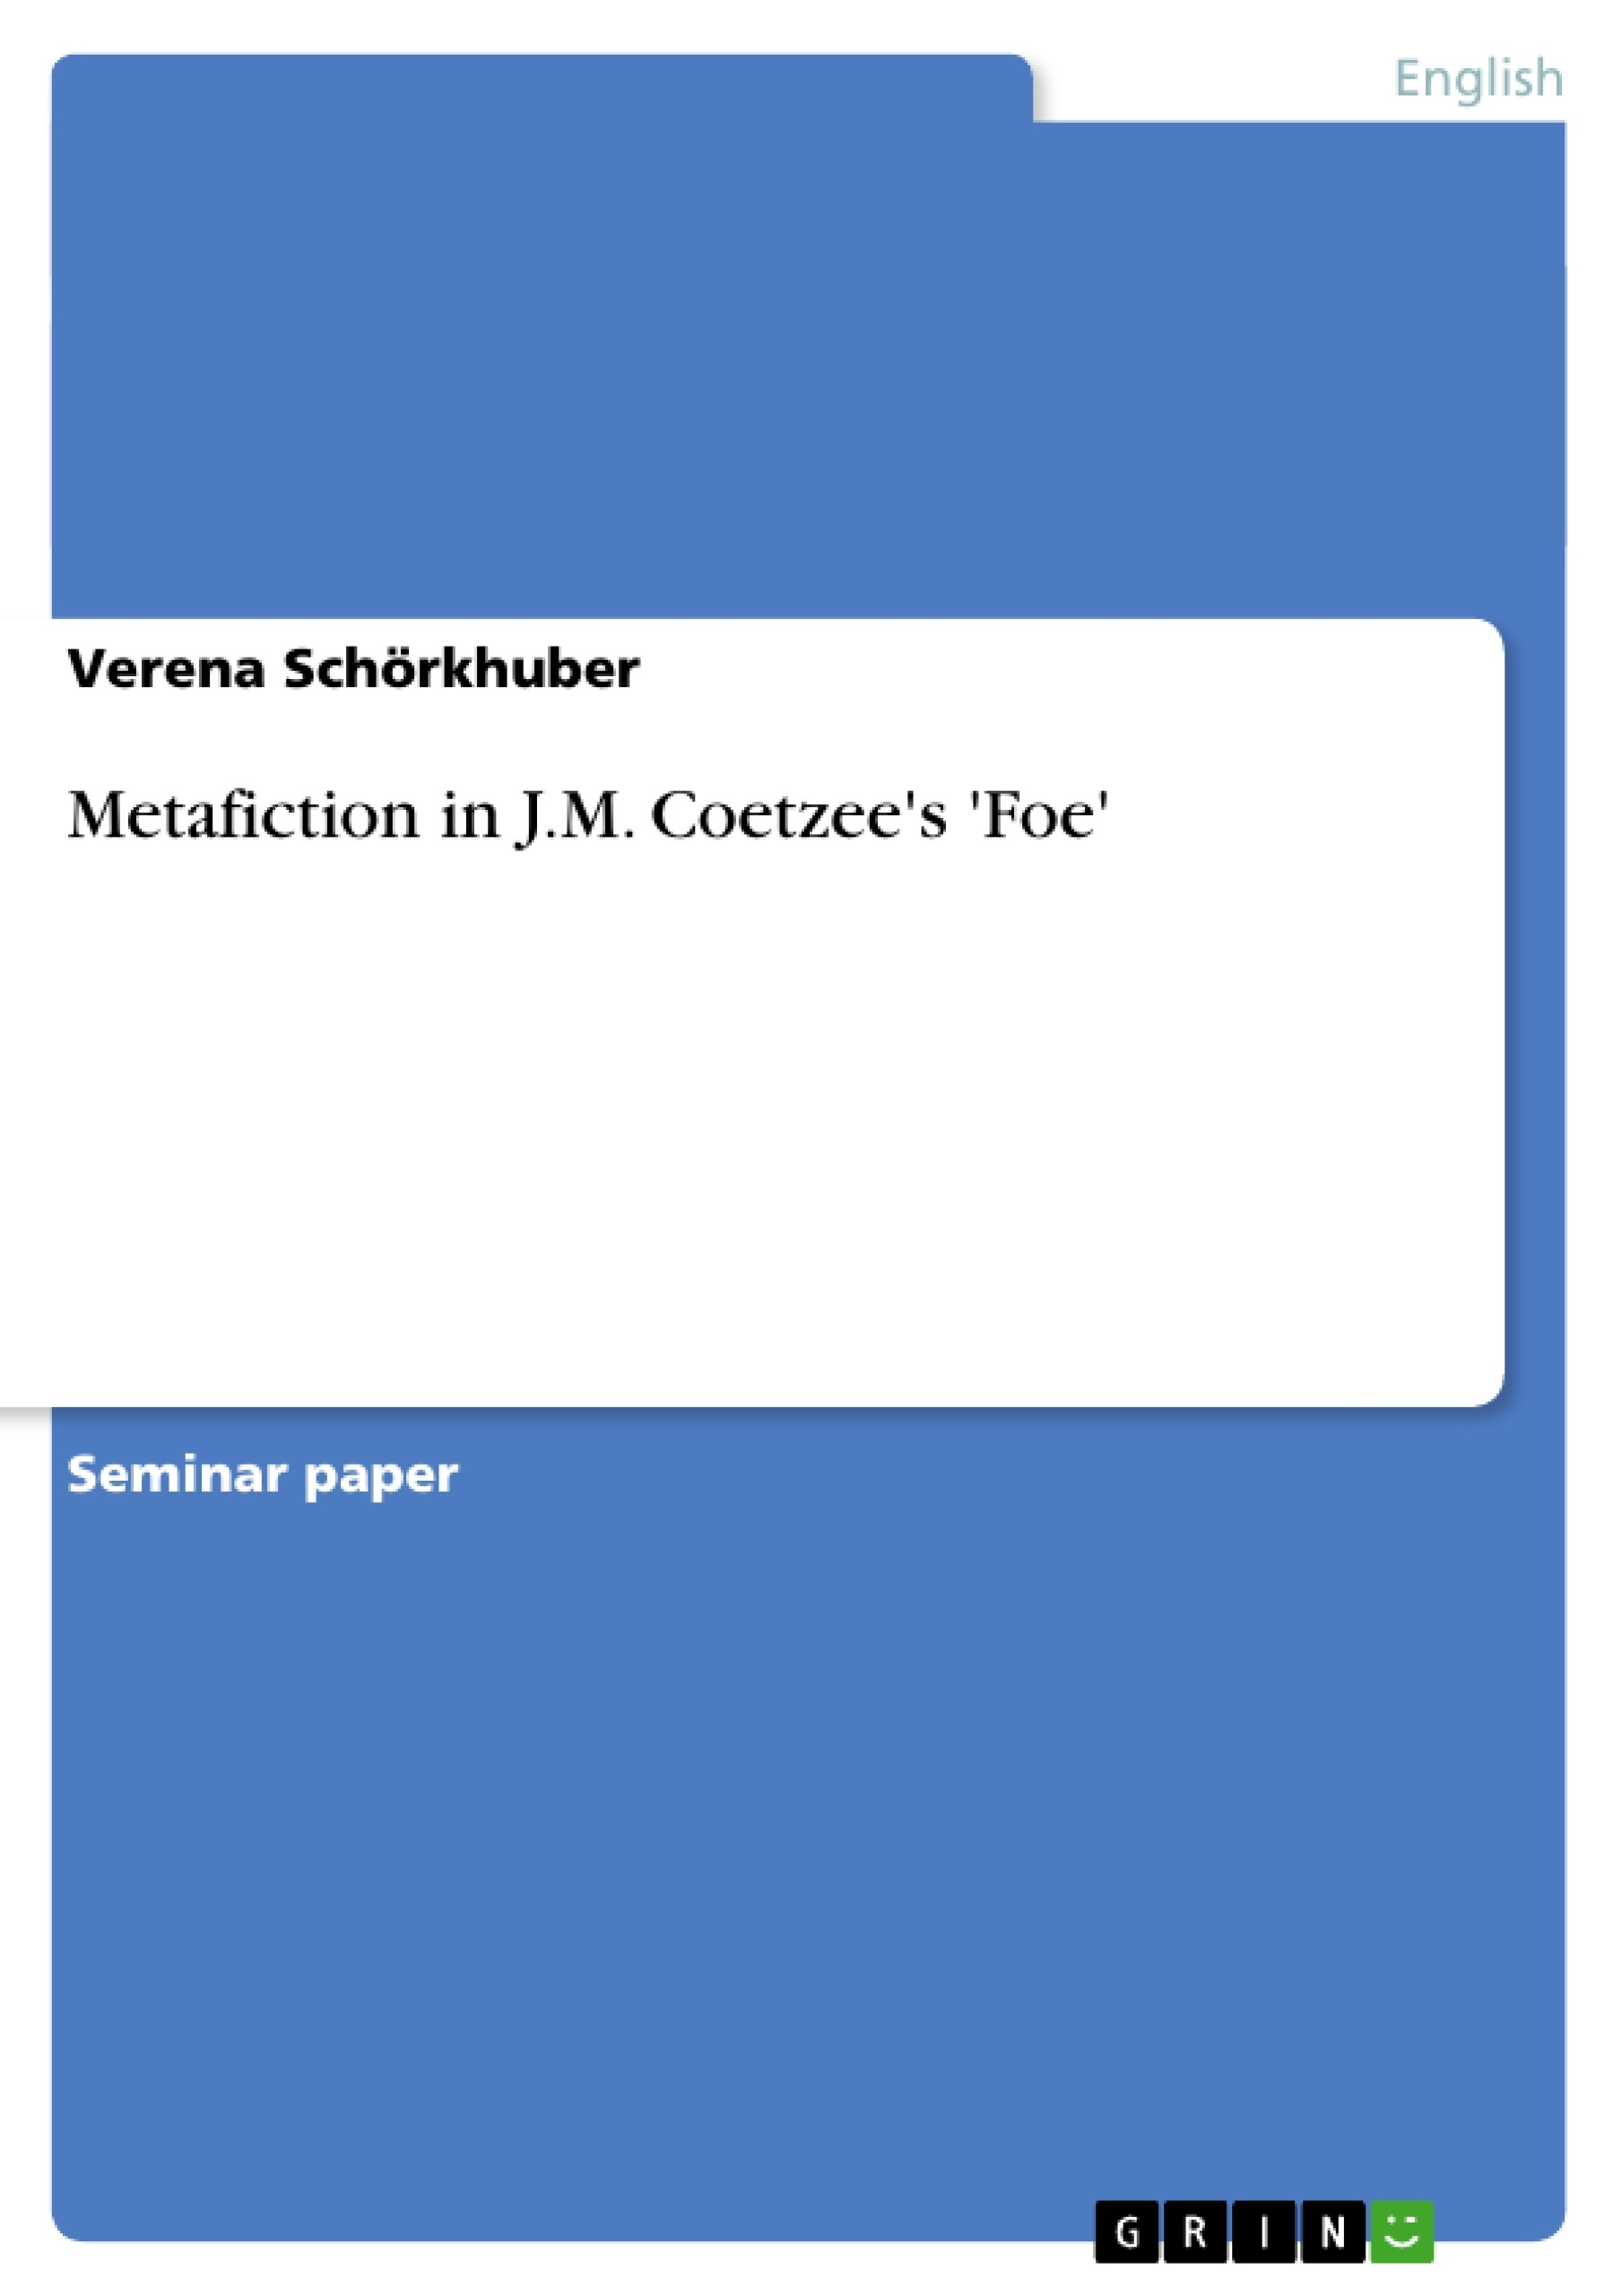 Title: Metafiction in J.M. Coetzee's 'Foe'